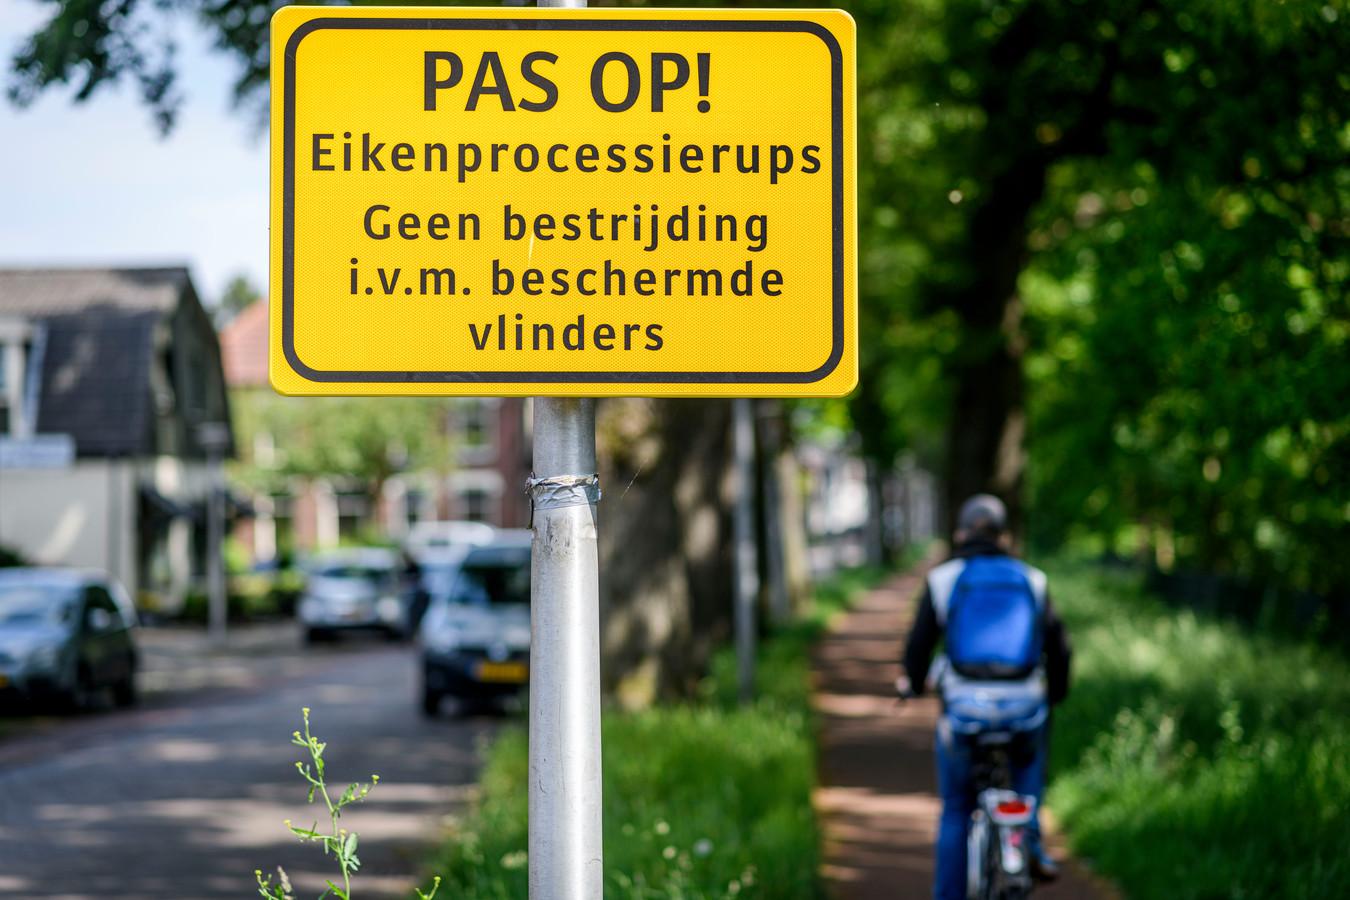 Aan de Oosterstraat zijn borden geplaatst door de gemeente dat er niet wordt opgetreden tegen de eikenprocessierups in verband met een beschermde vlinder